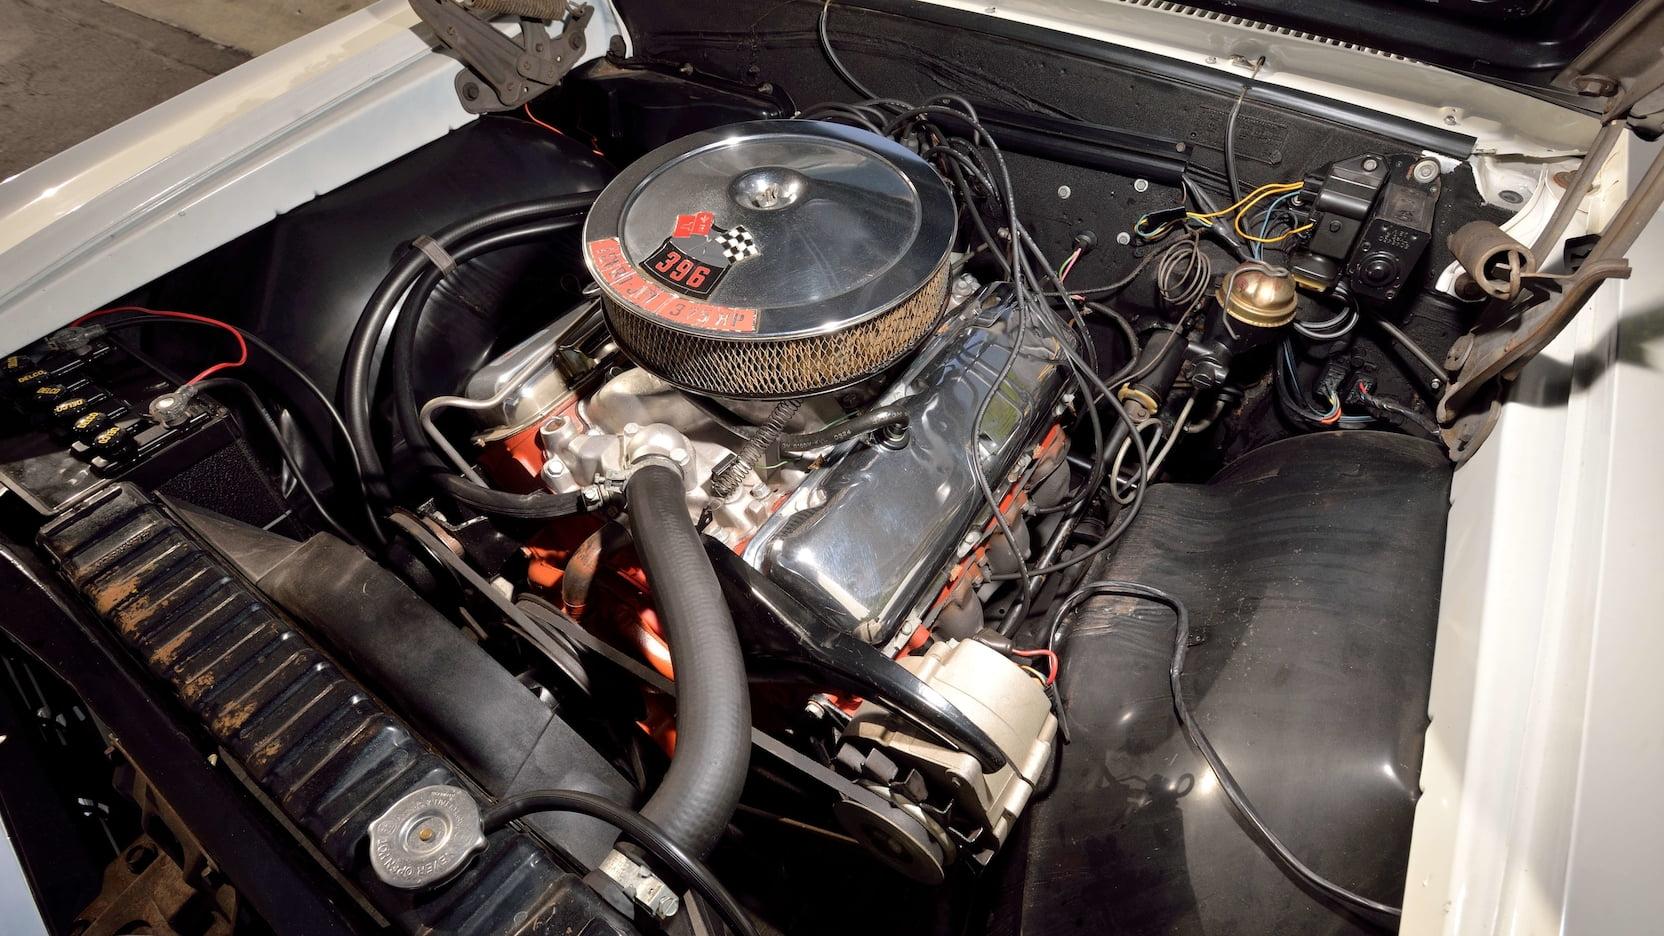 1966 Chevrolet El Camino 396 big block v8